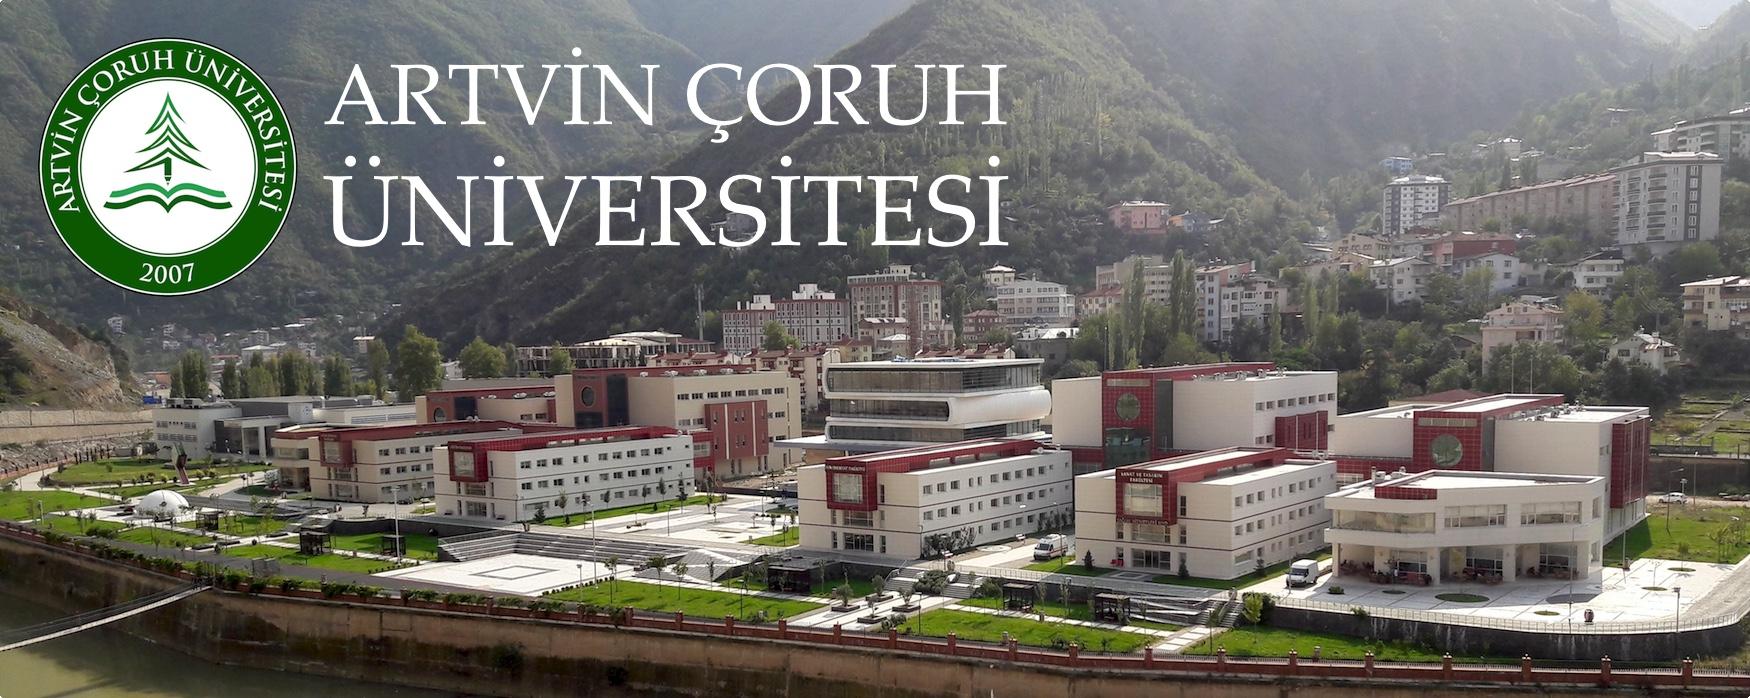 Artvin Çoruh Üniversitesi 12 Akademik Personel Alacak